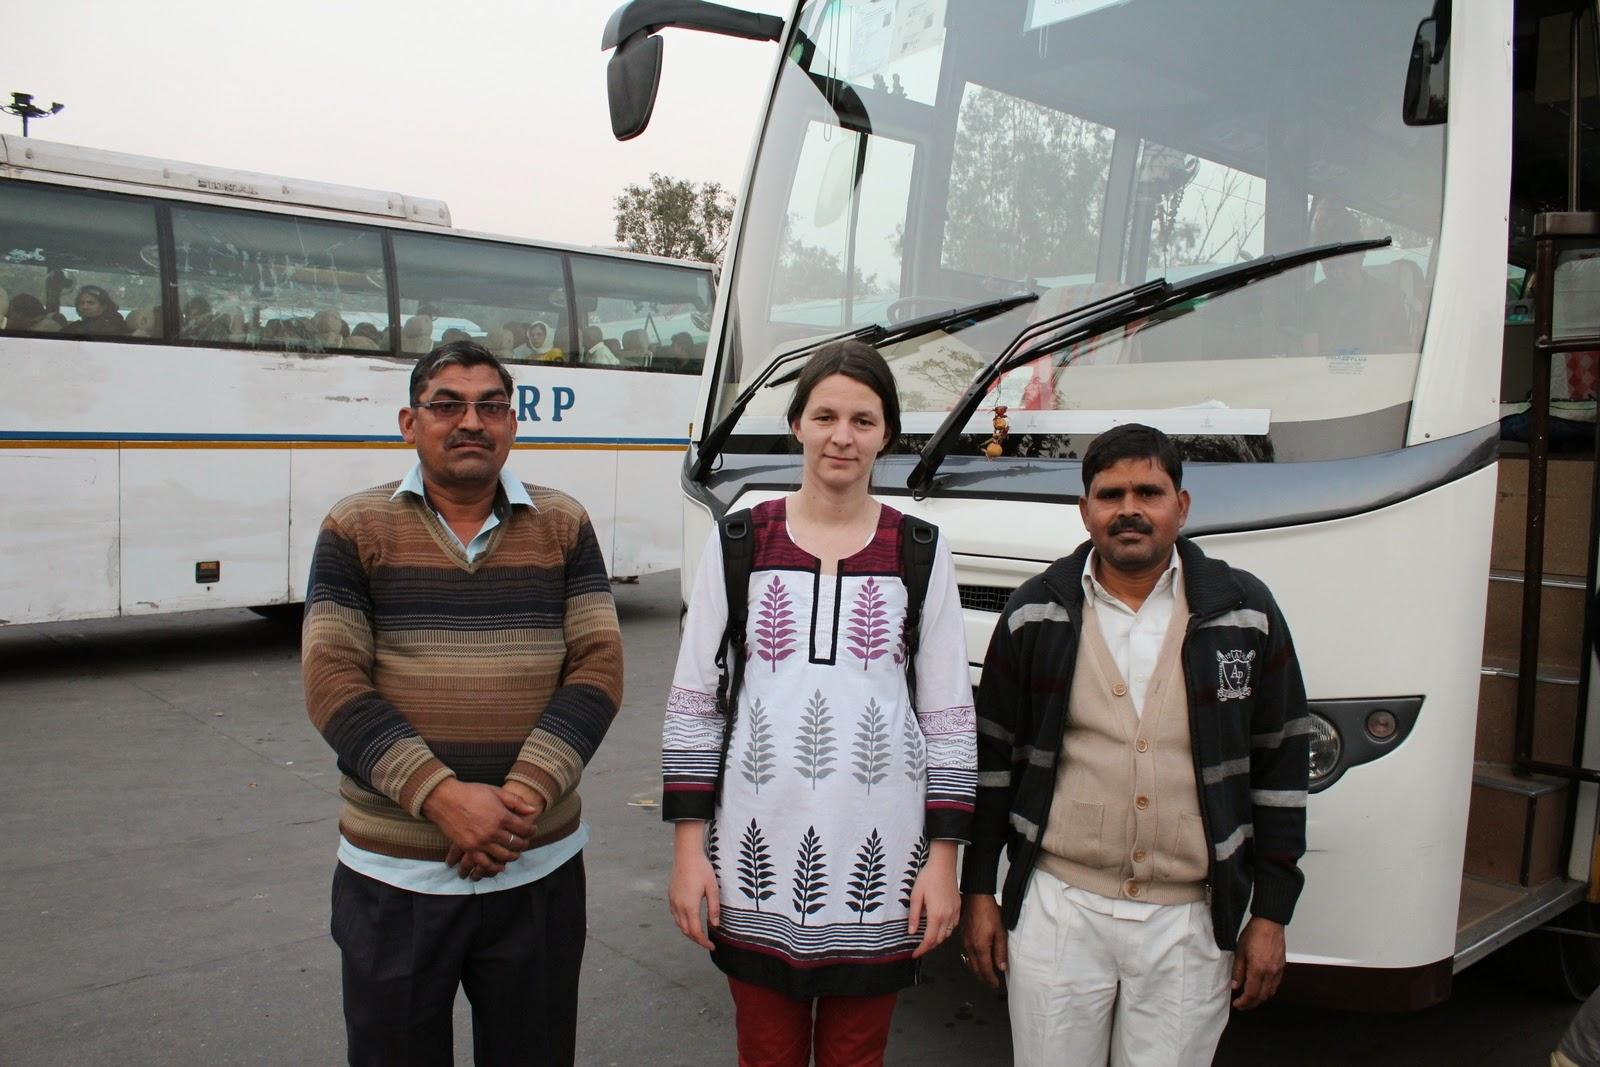 Timi - baloldalt a buszsofőr, jobboldalt a segéd